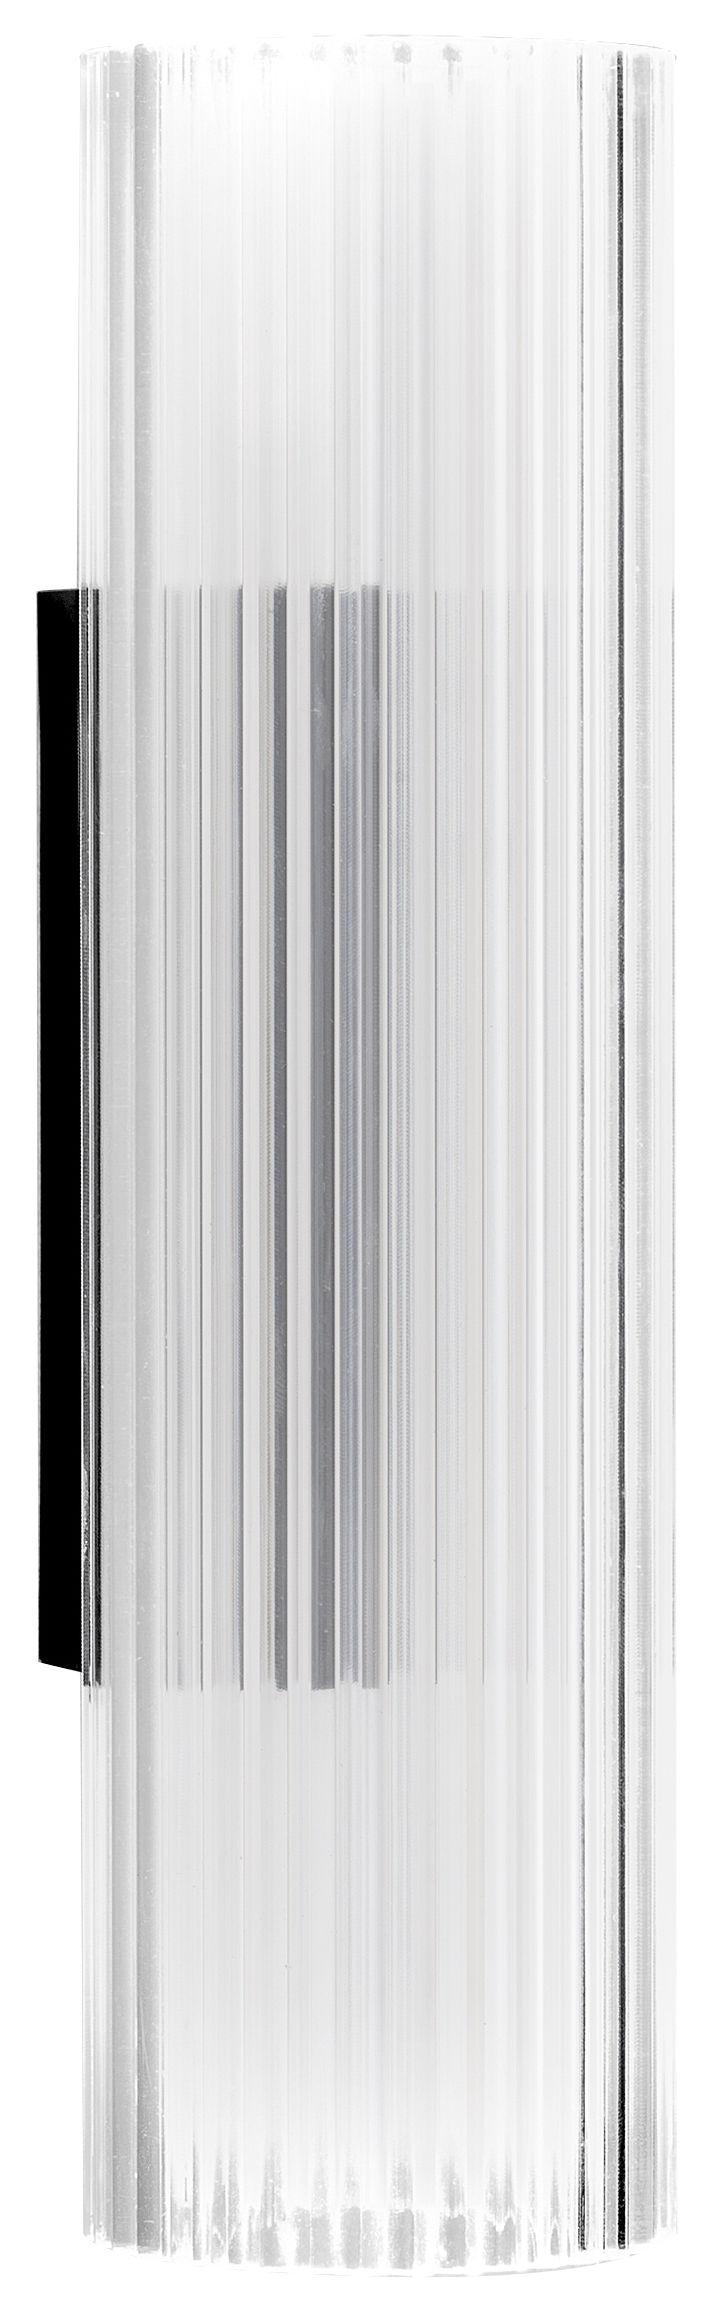 Luminaire - Appliques - Applique Rifly / LED H 30 cm - Kartell - Cristal - Polycarbonate plissé